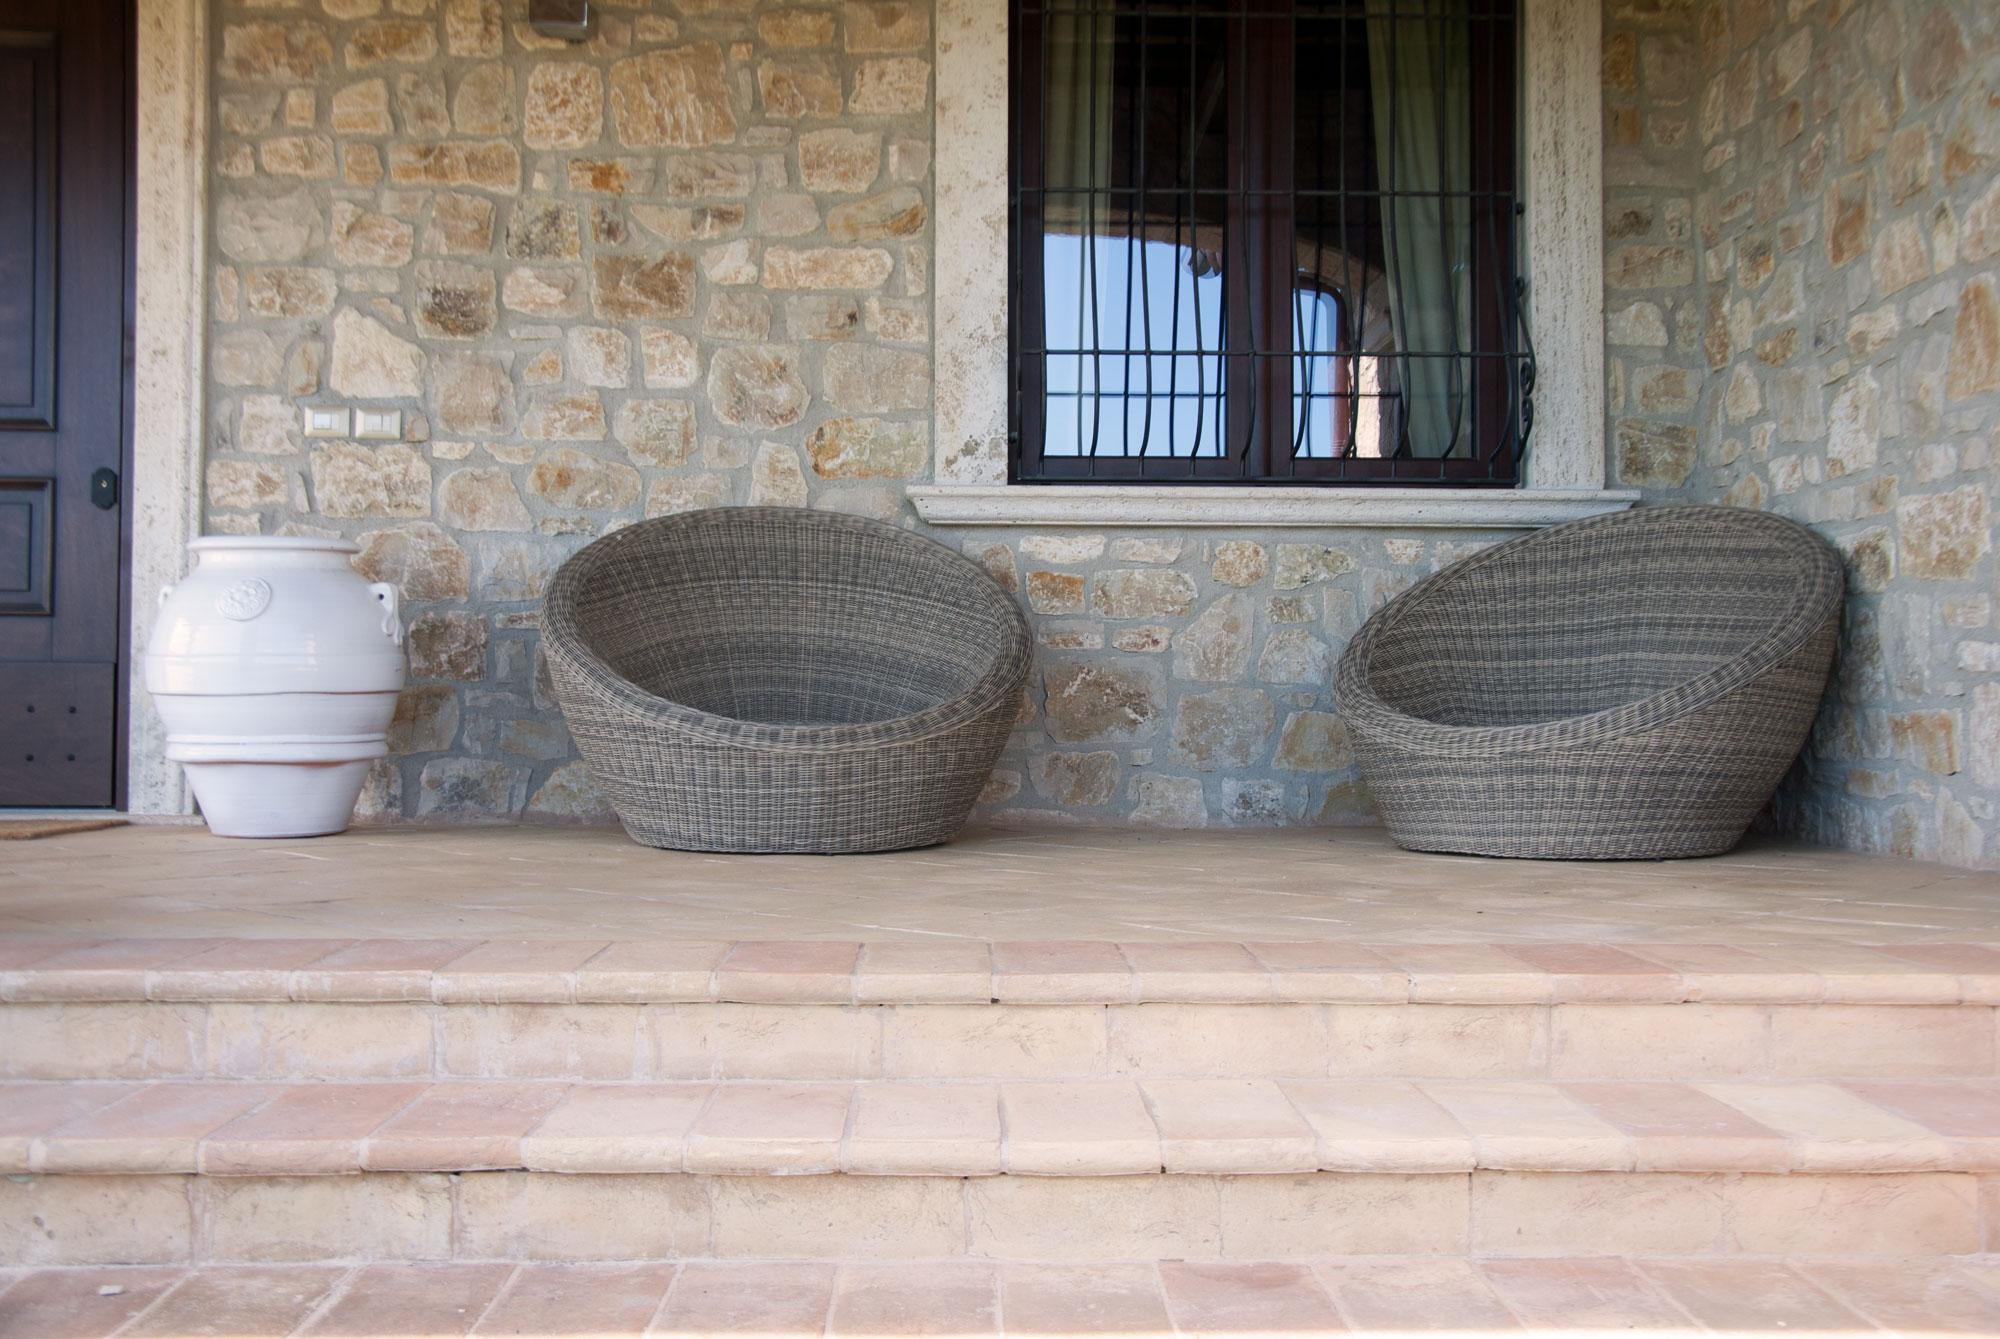 Pavimenti In Cotto Fatto A Mano : Cotto fatto a mano archivi cotto fatto a mano di fornace bernasconi